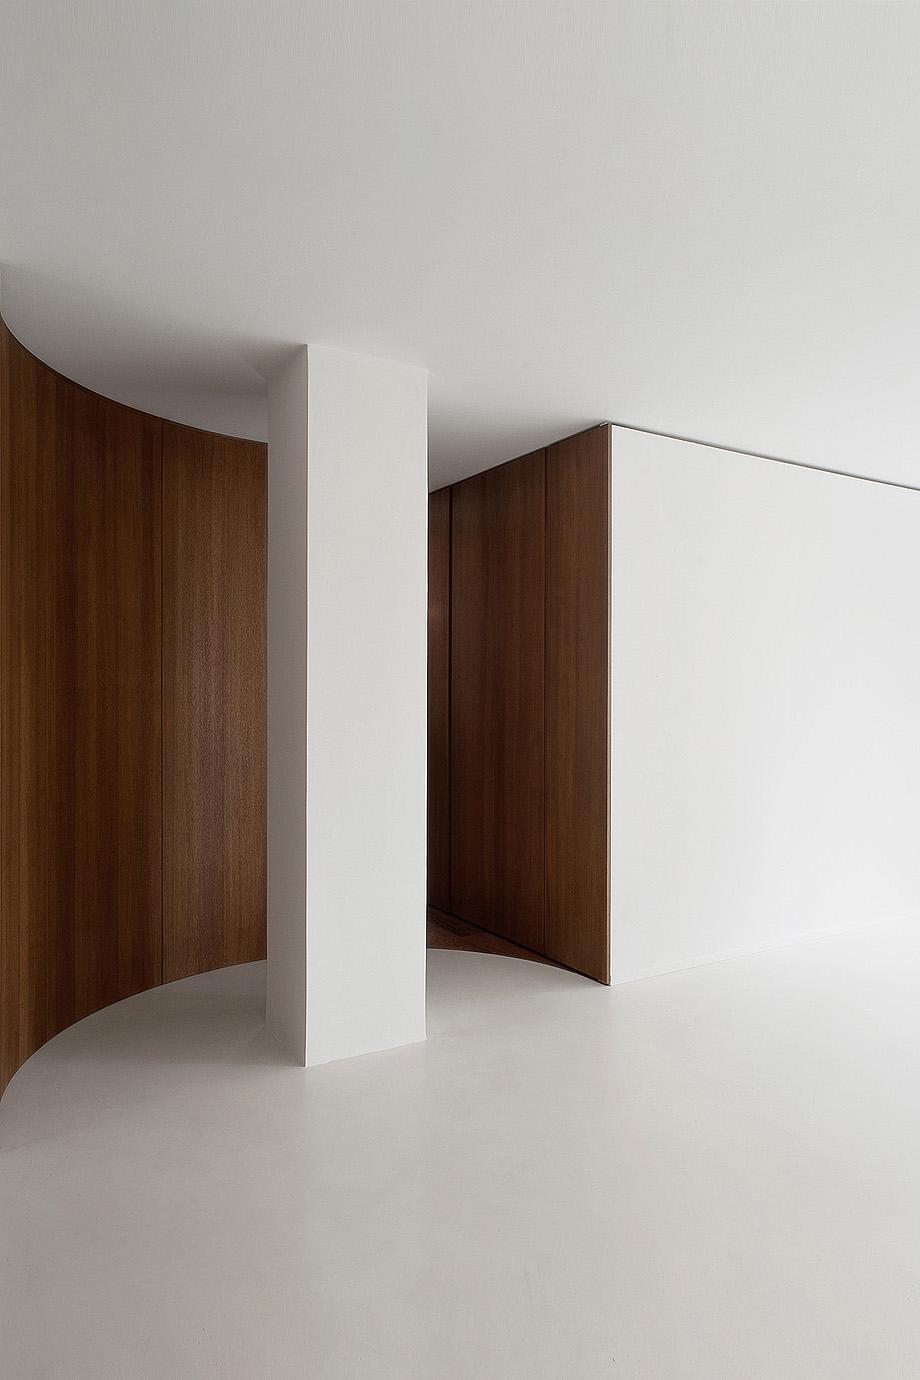 apartamento p-420 de nicolas dorval-bory - foto francesco rioda (5)